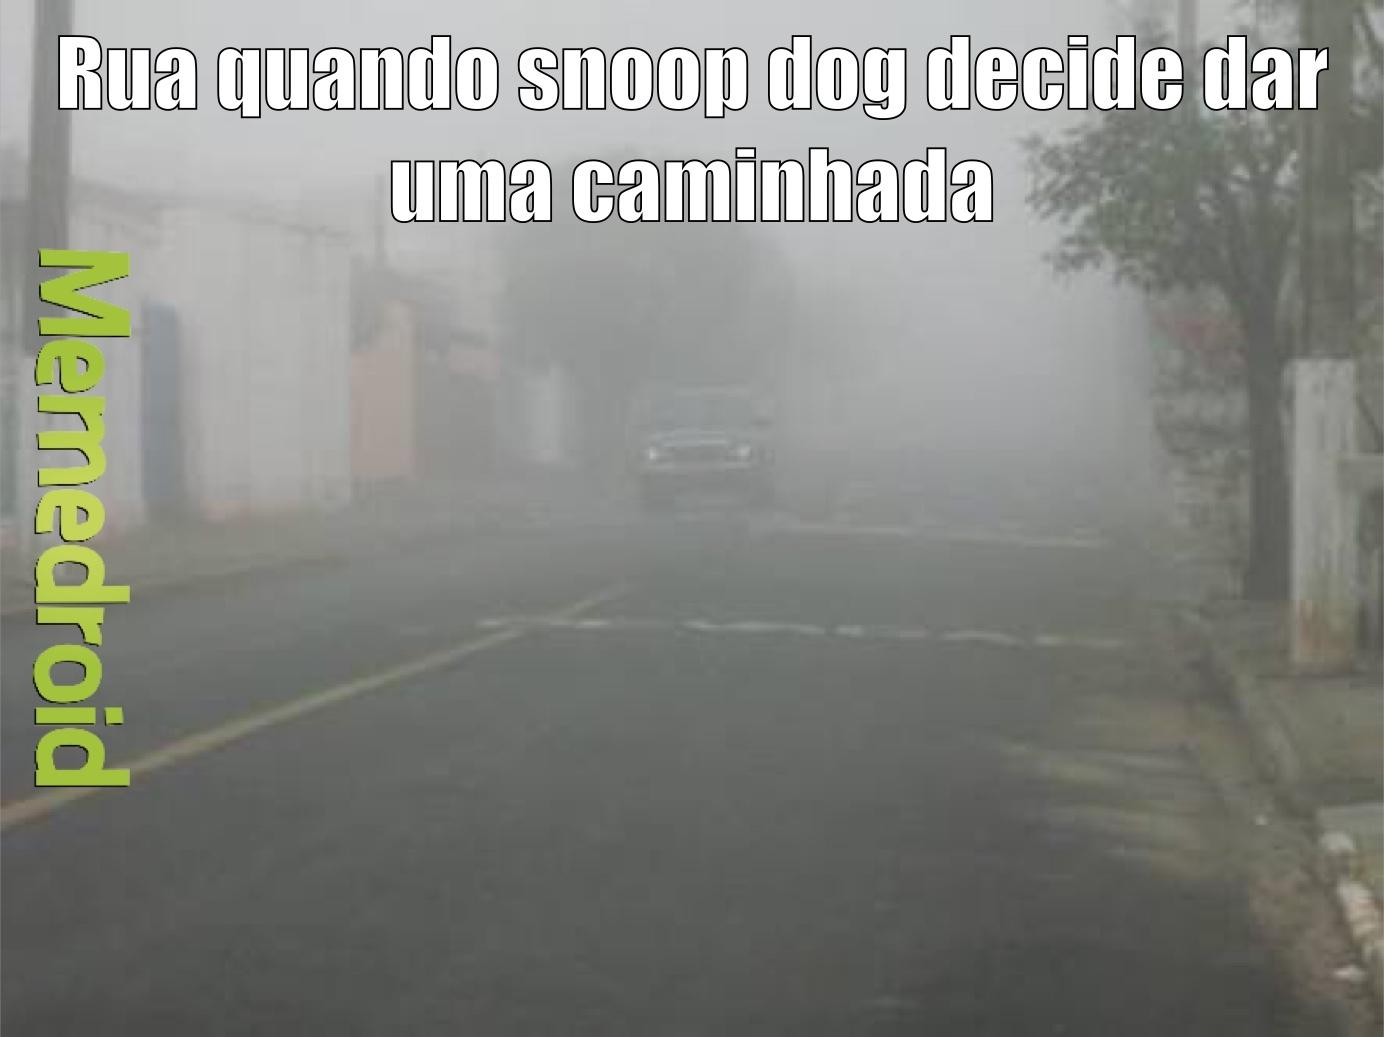 Snoop dog na rua - meme